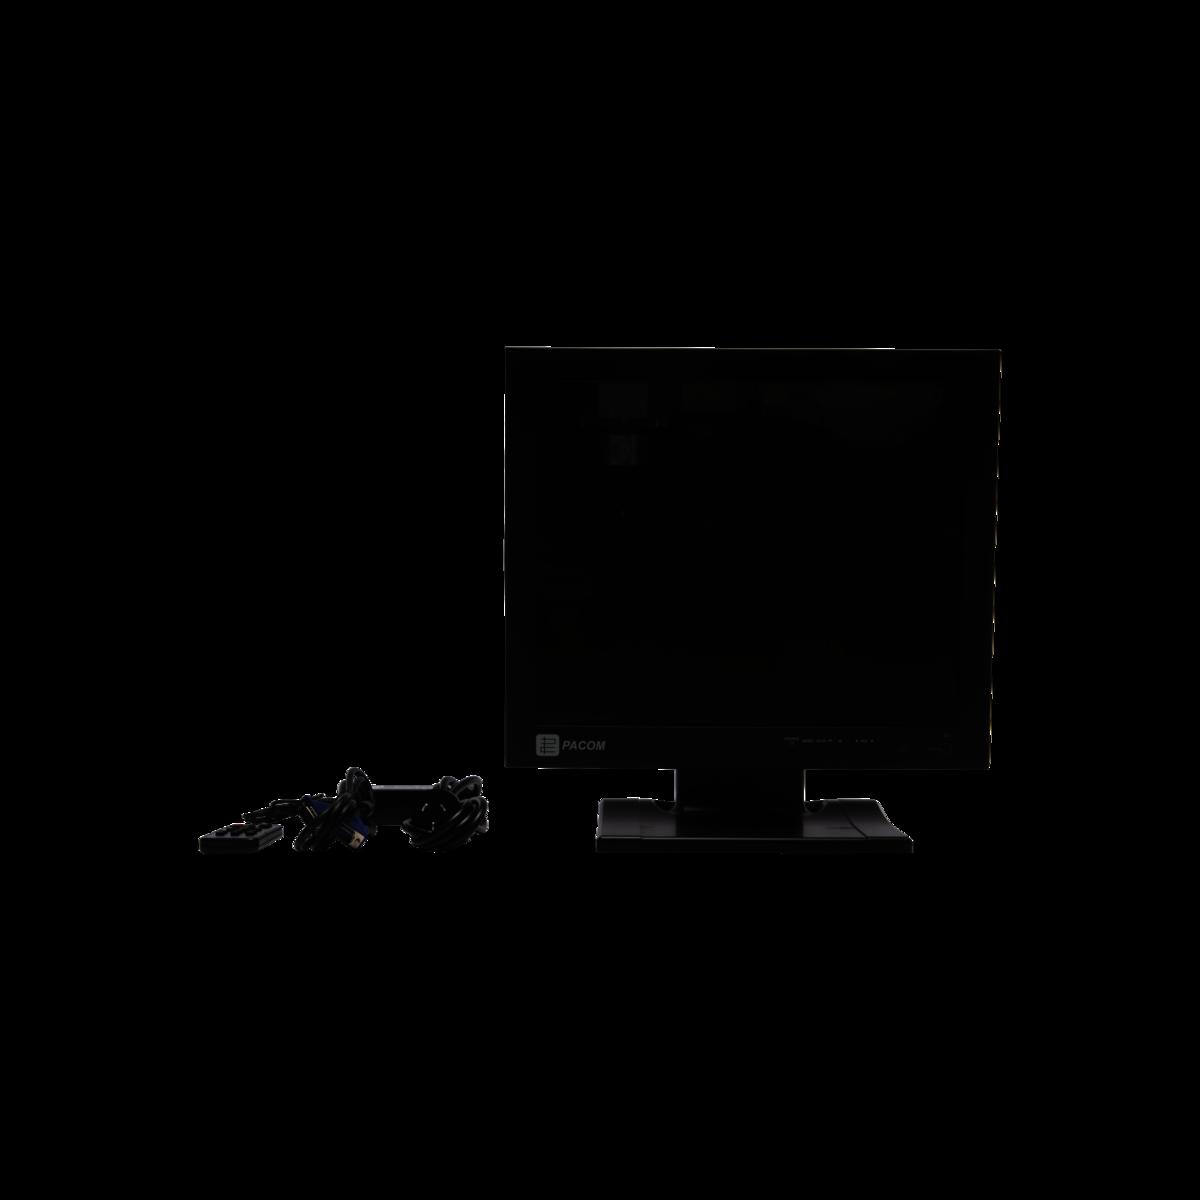 S104532_PACOMPPRO-17-LED-P_Main